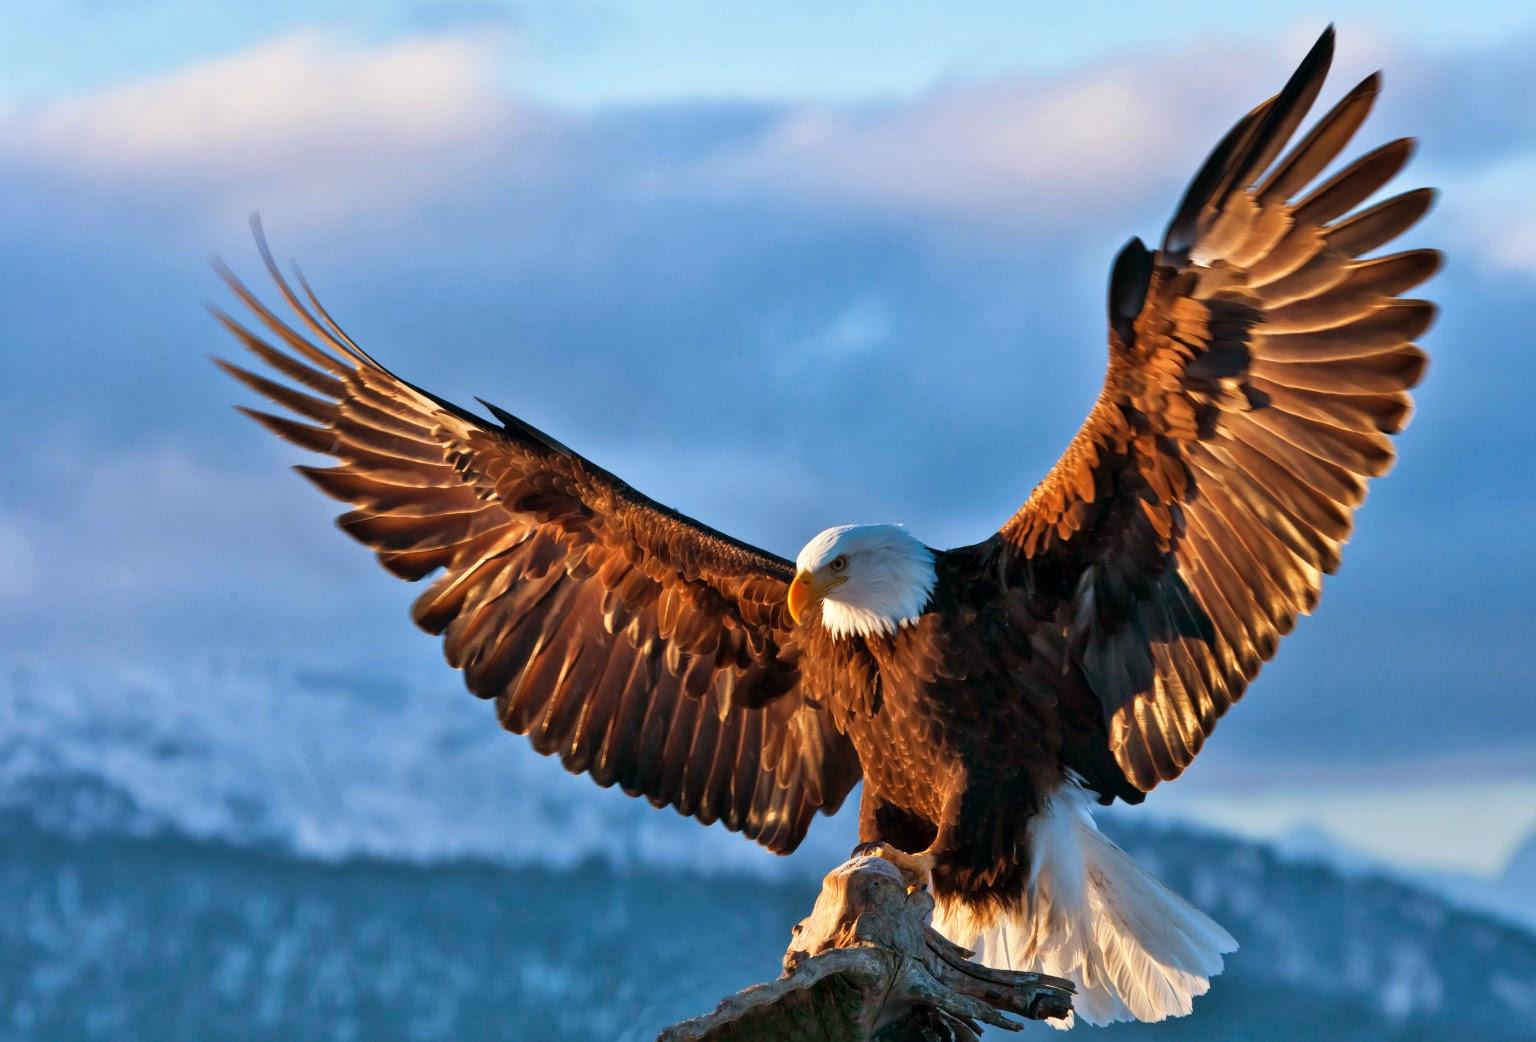 bald eagle wallpaper hd